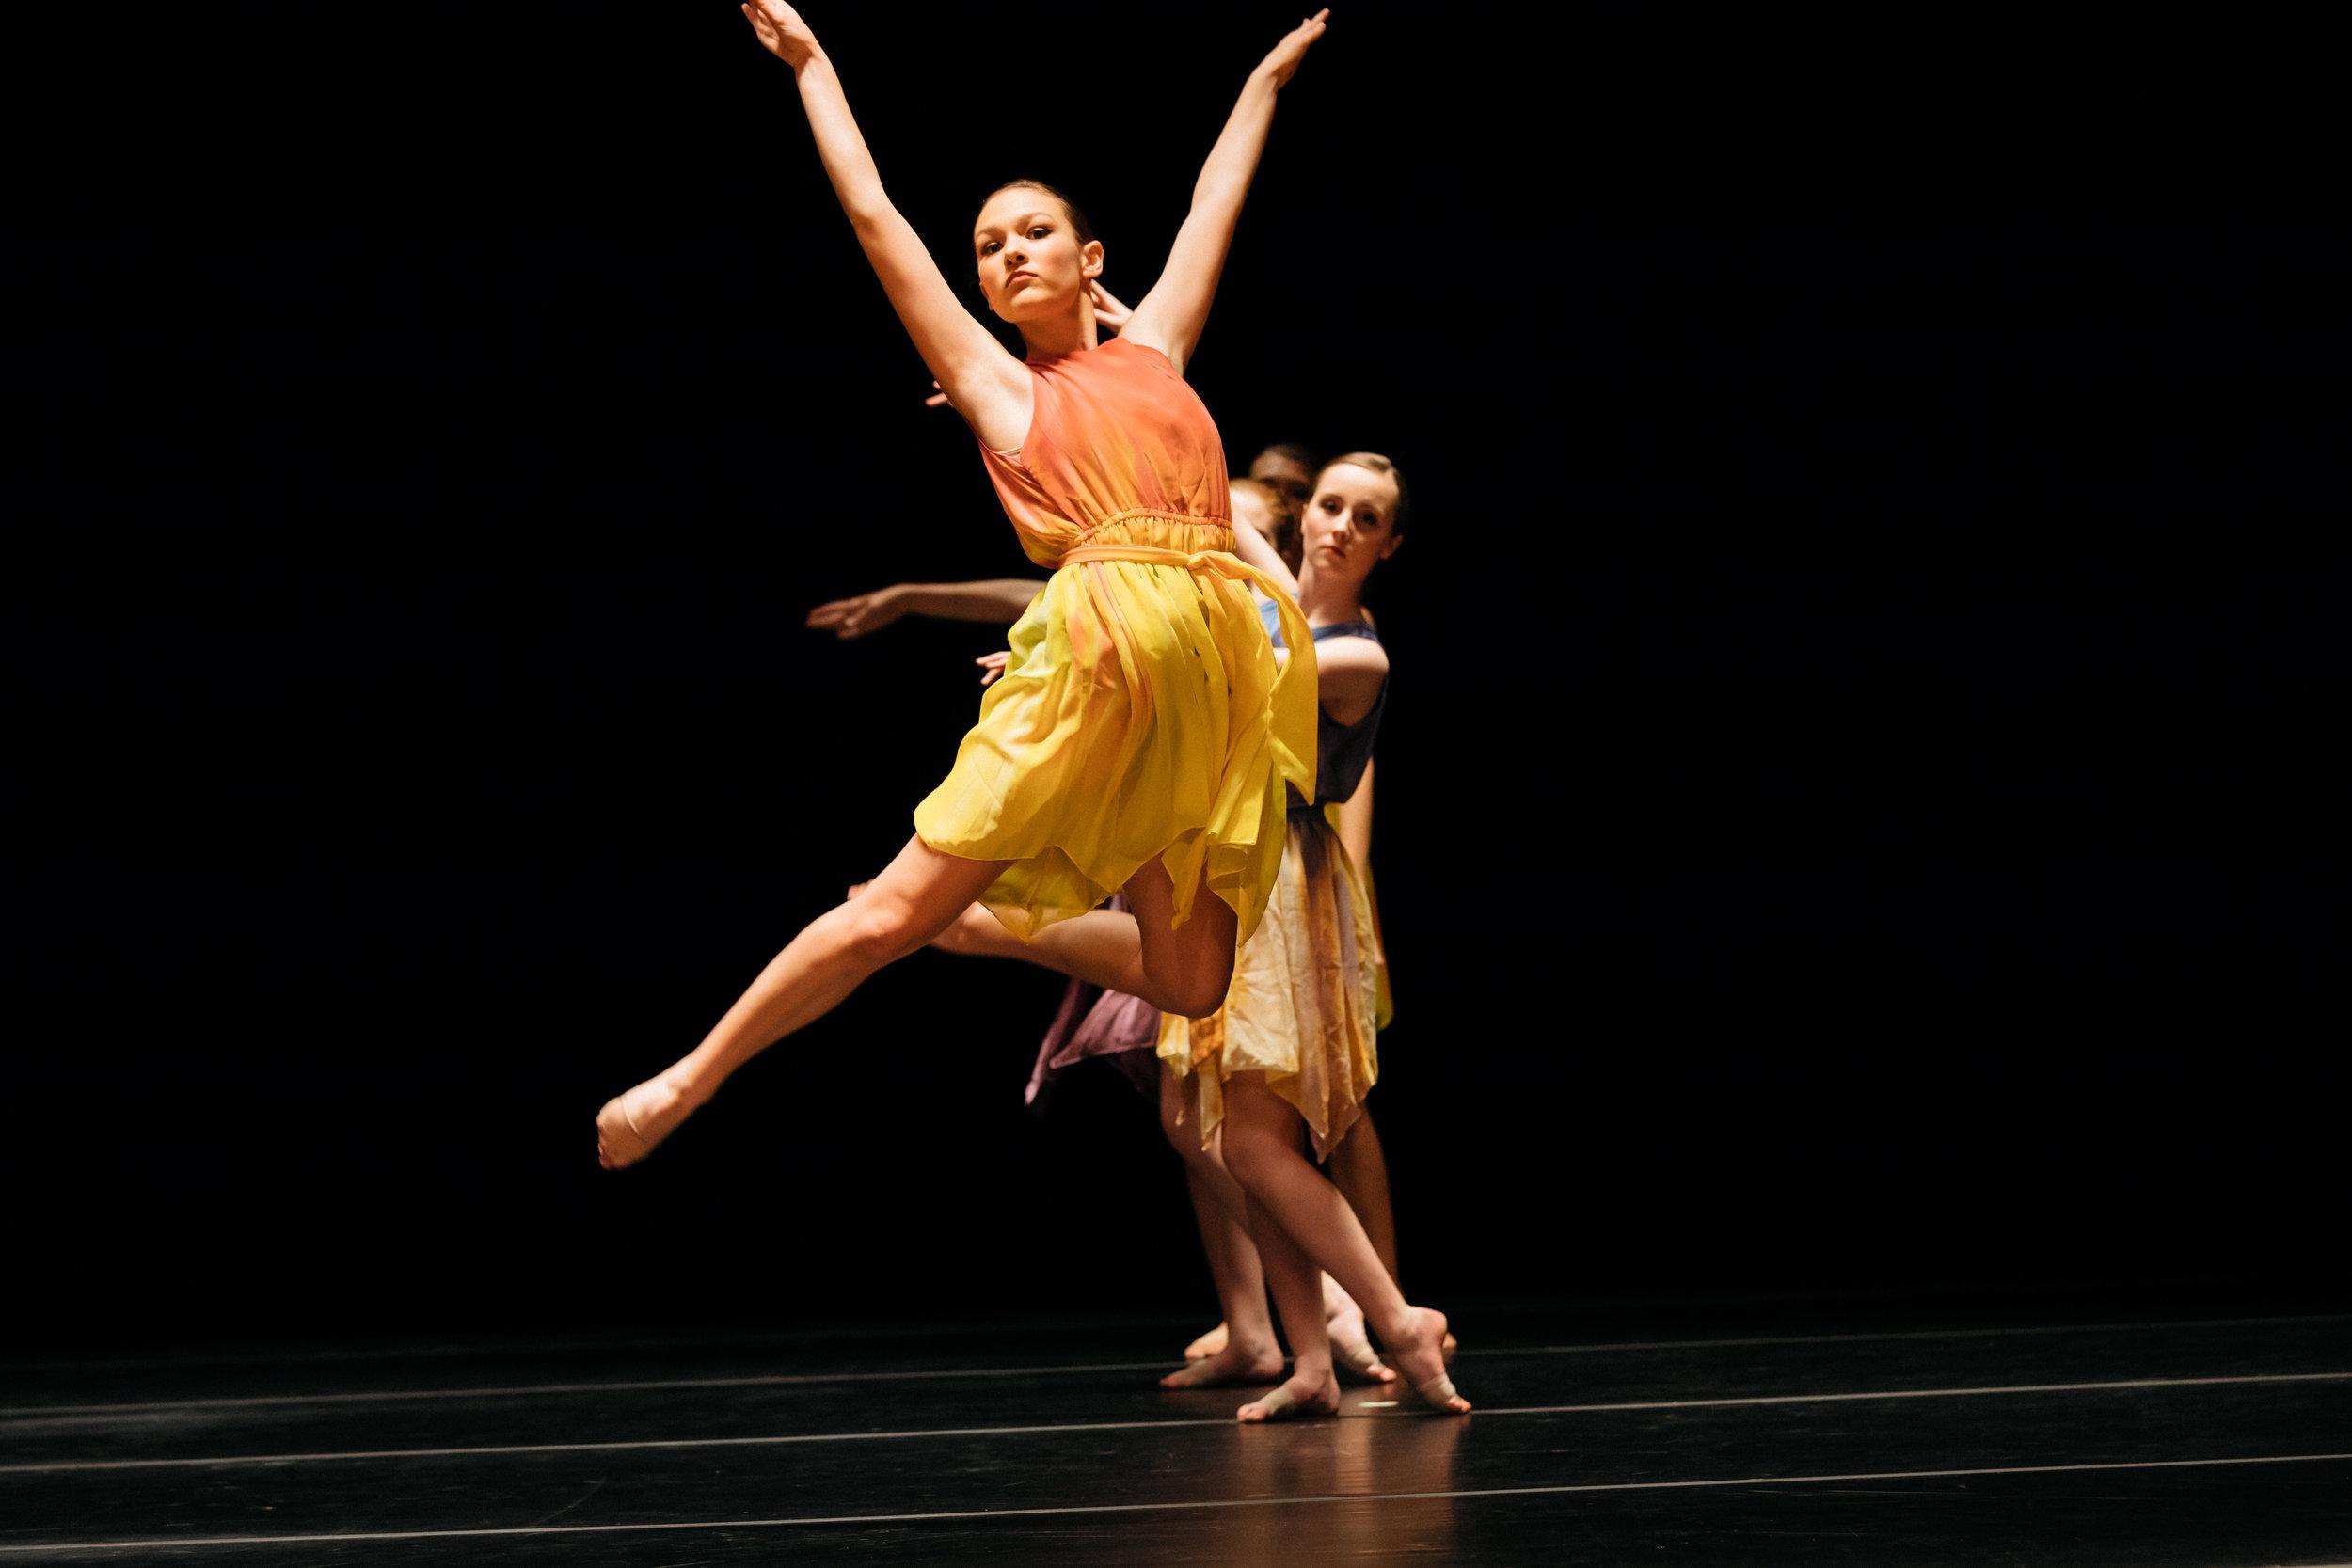 dance_photography_Cincinnati_Ohio-0015.jpg